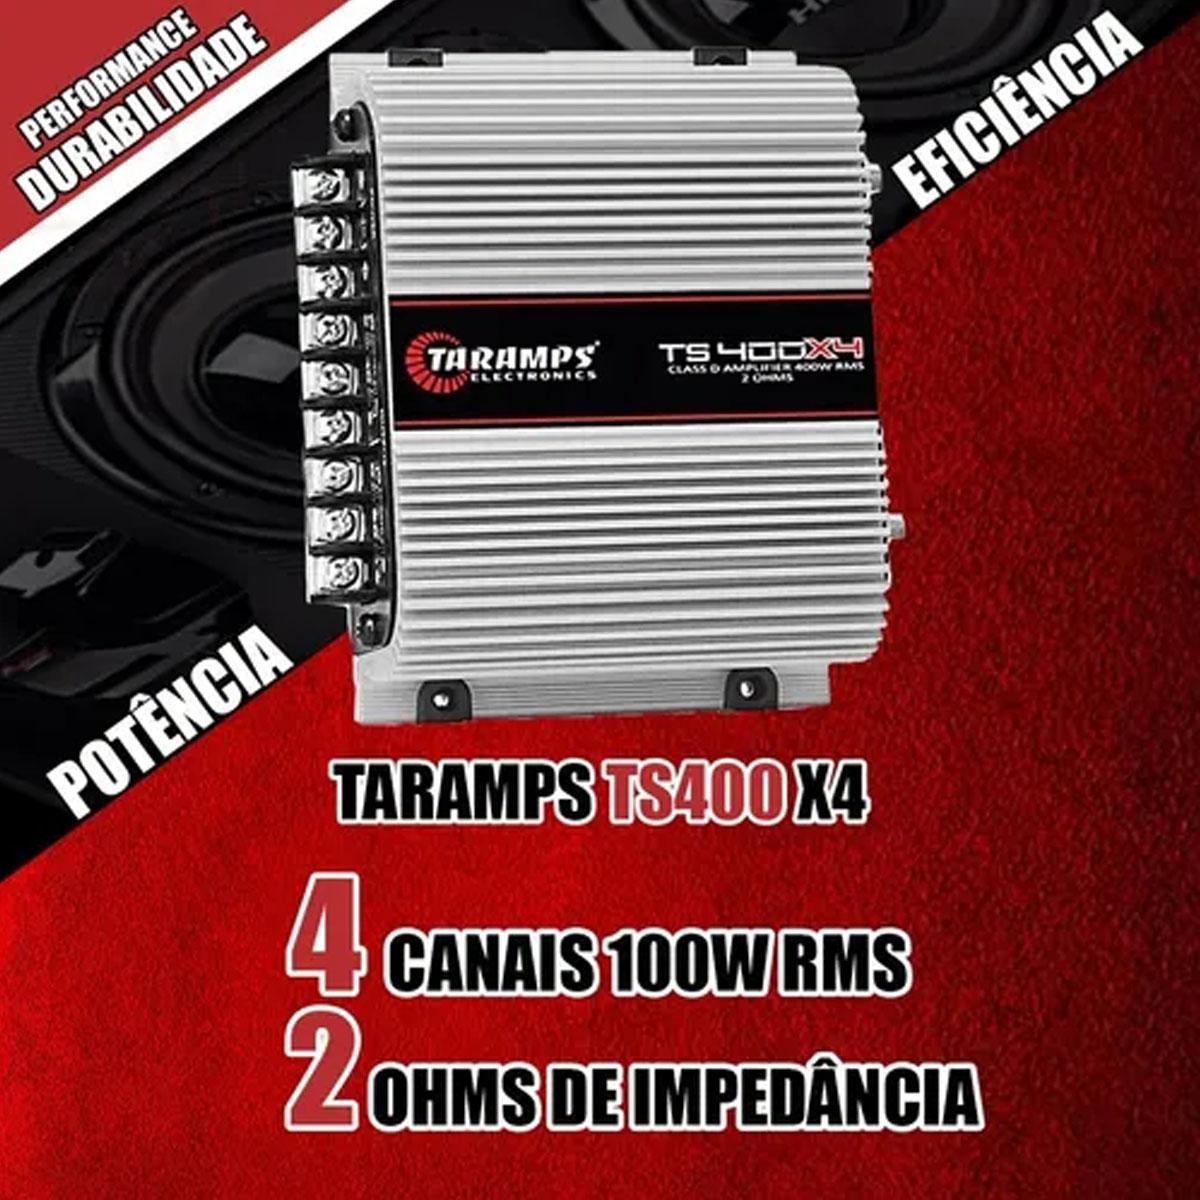 Amplificador Taramps TS 400X4 Som Automotivo 400Watts RMS Poliparts